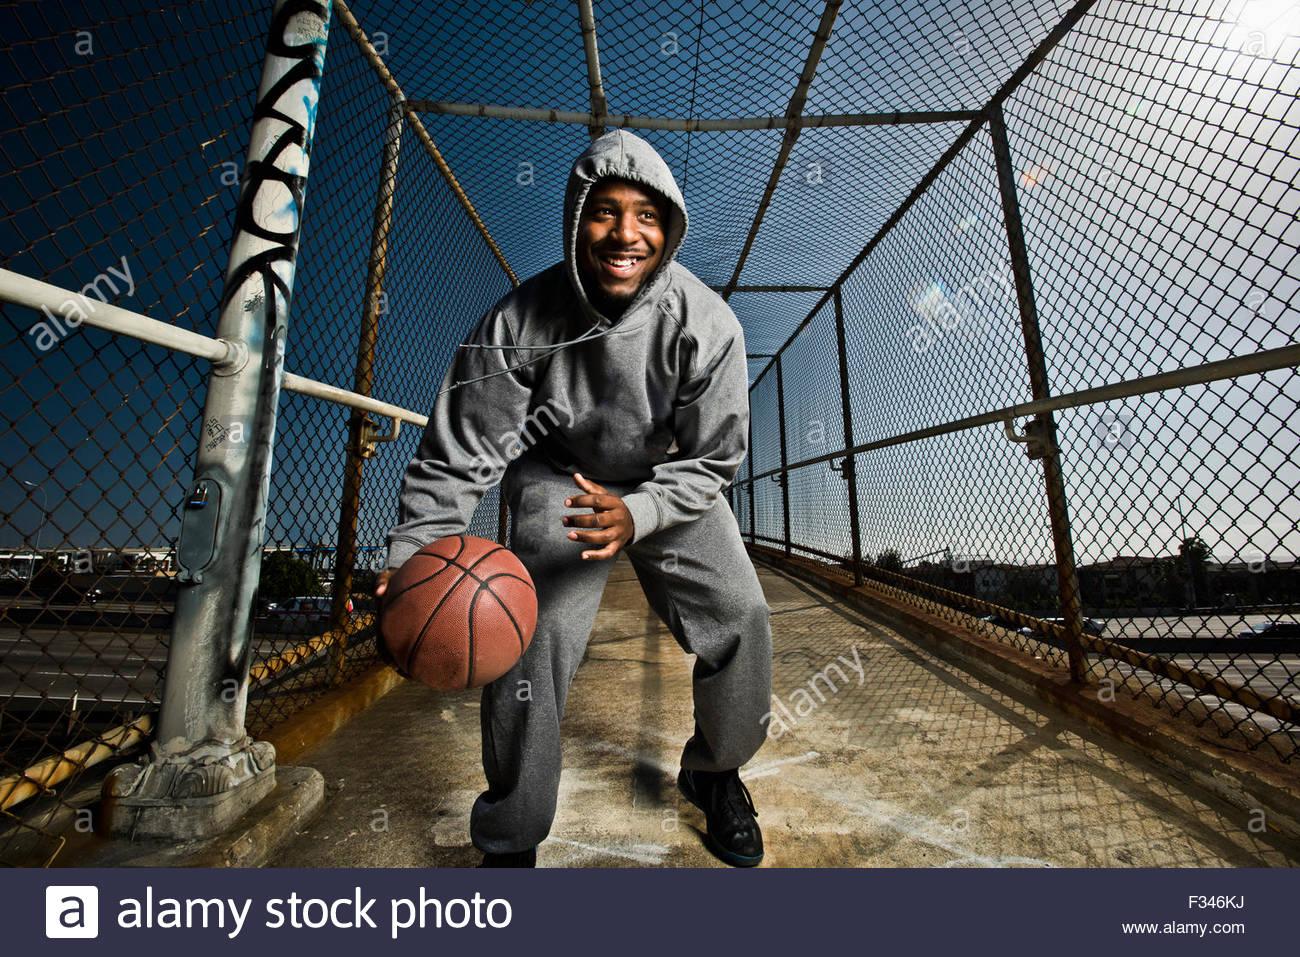 Ein junger Mann mit einem Basketball zu spielen. Stockbild